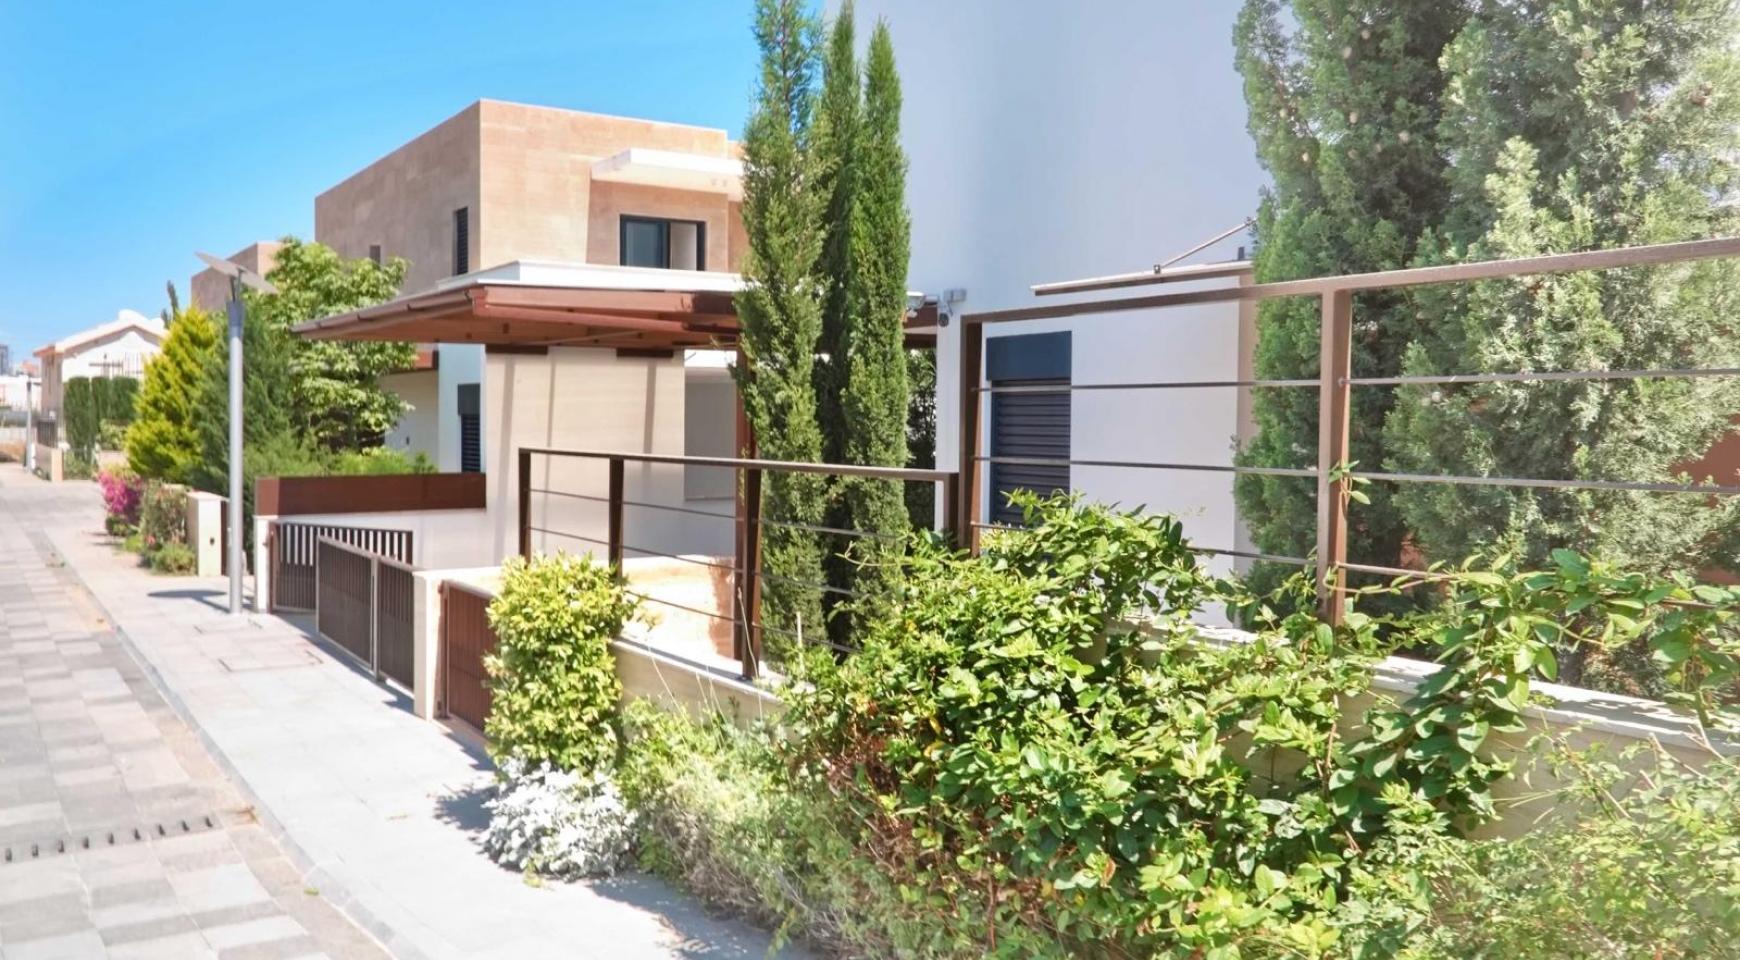 Новая Элитная 3-Спальная Вилла в Закрытом Комплексе возле Моря - 4